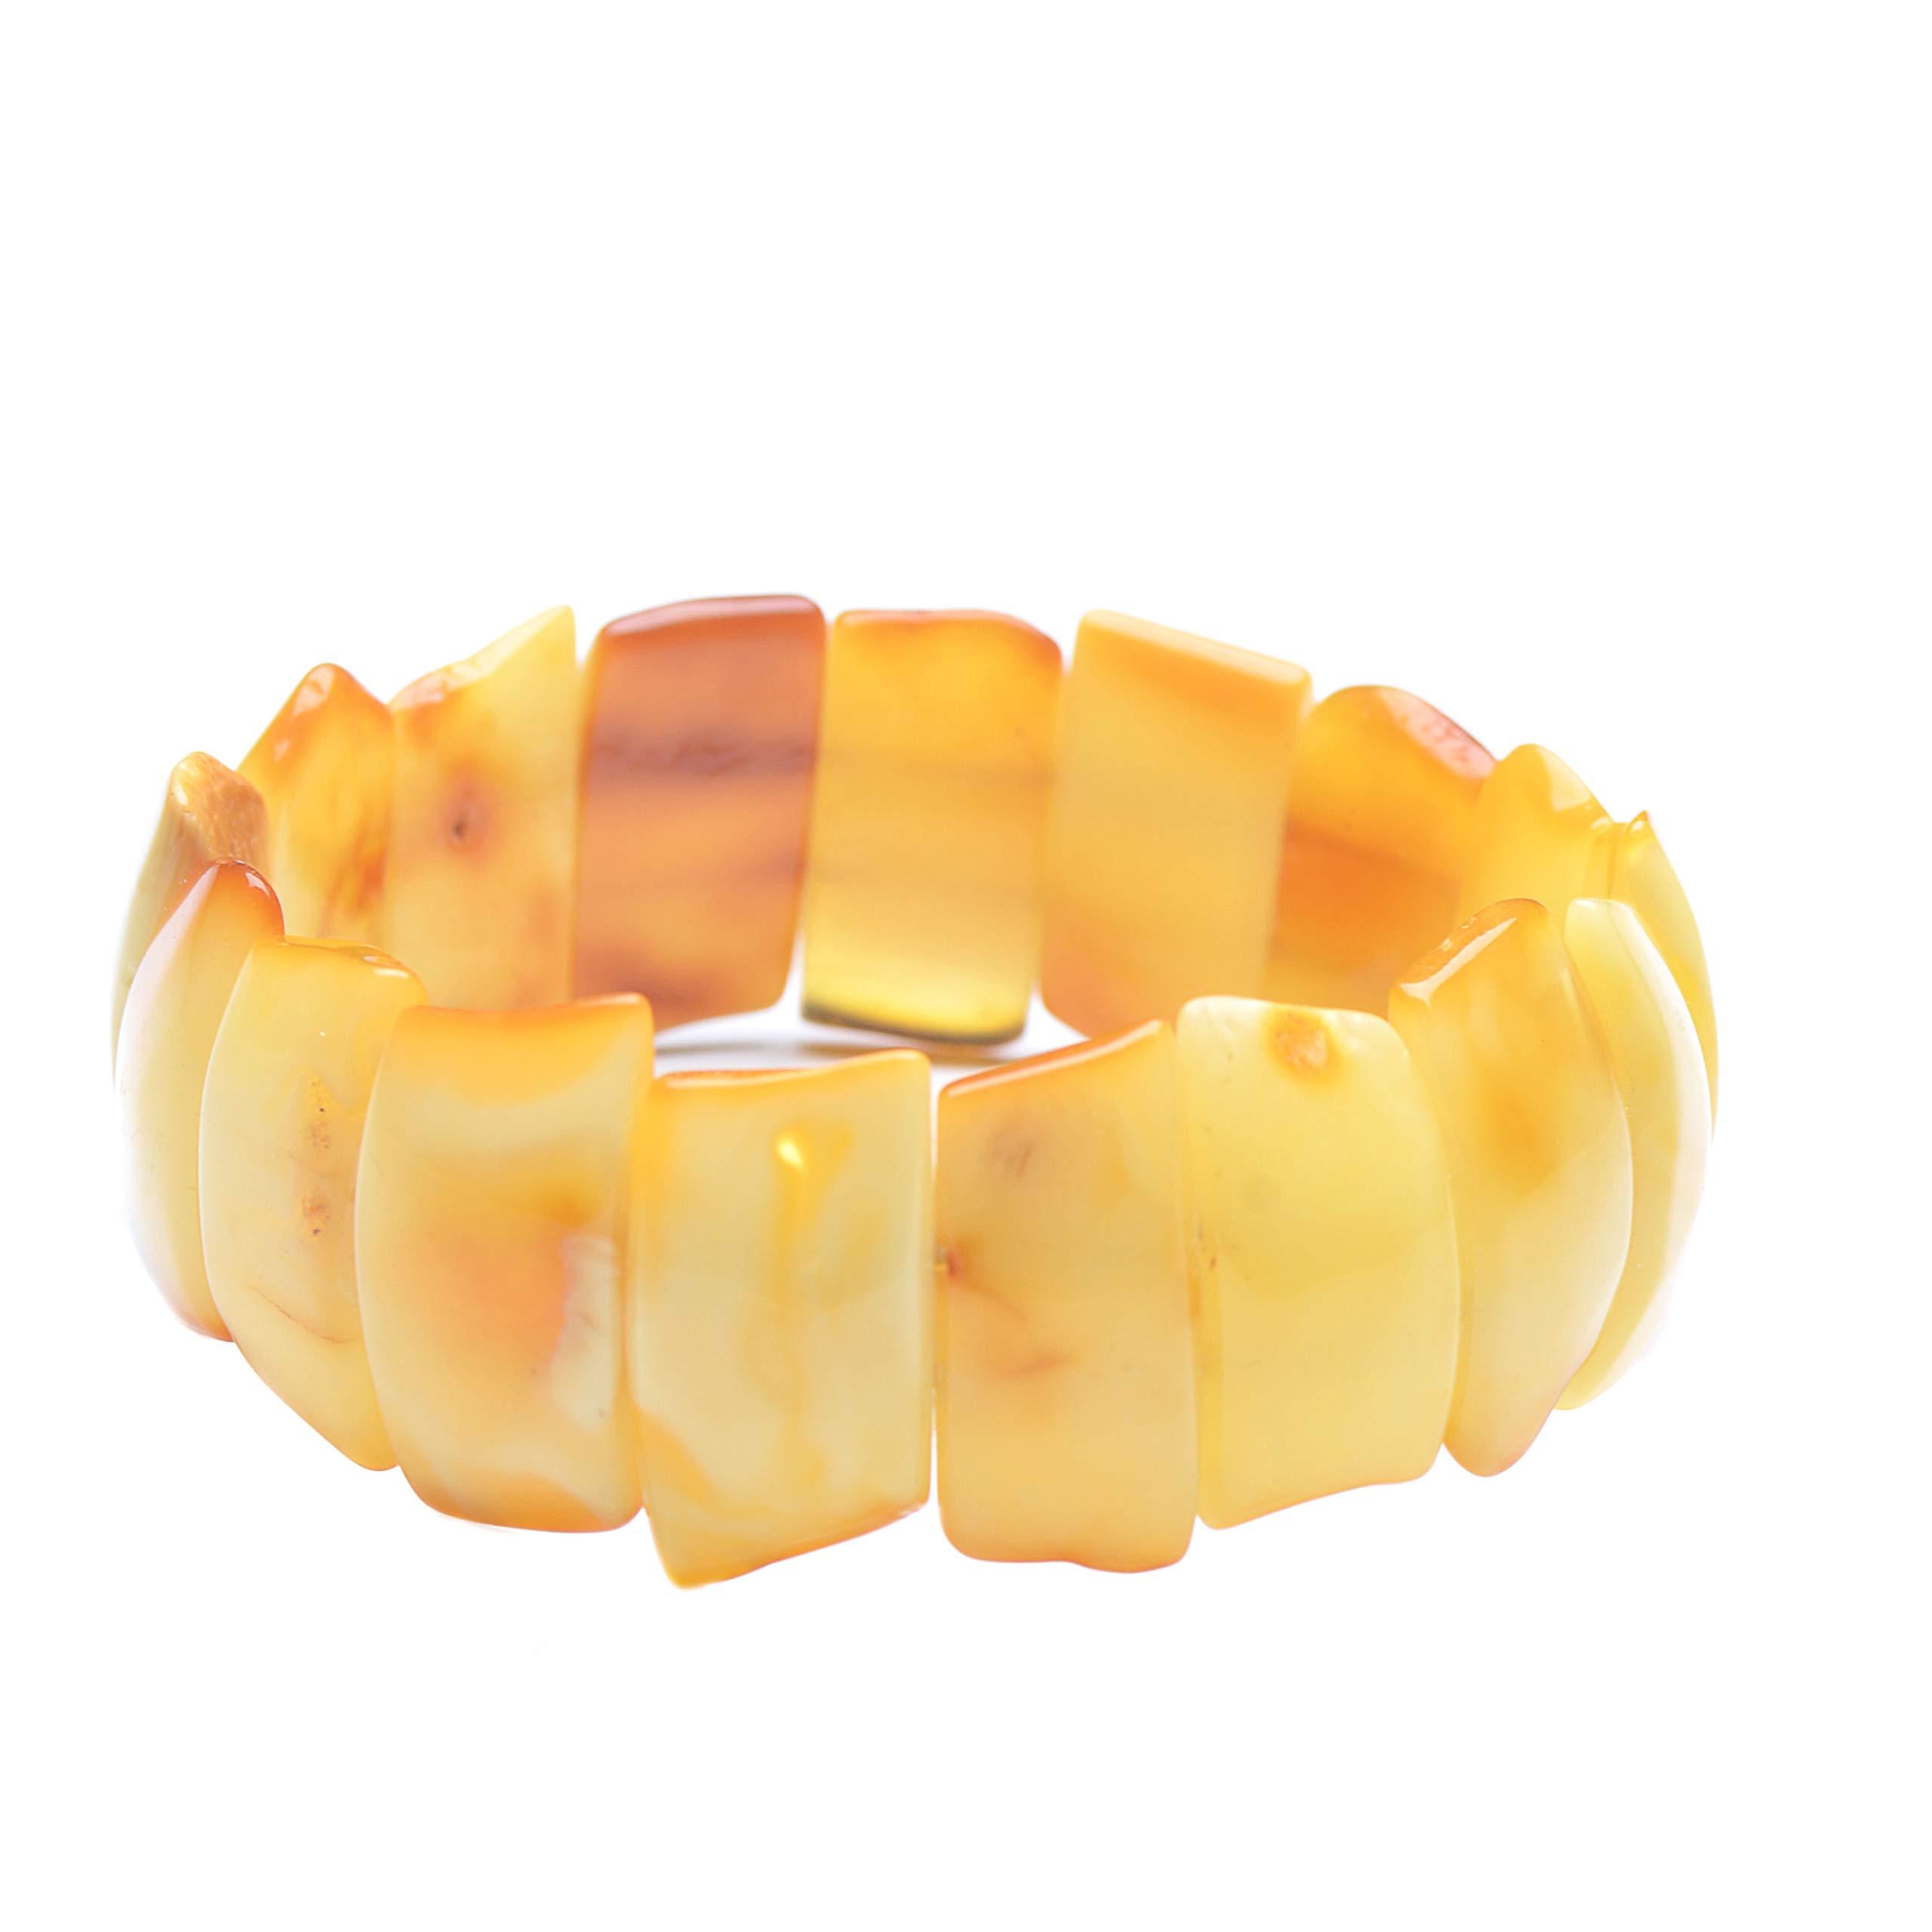 Butterscotch Amber Bracelet - Unique Baltic Amber Bracelet - Elegant Amber Bracelet - Amber Bracelet by Genuine Amber